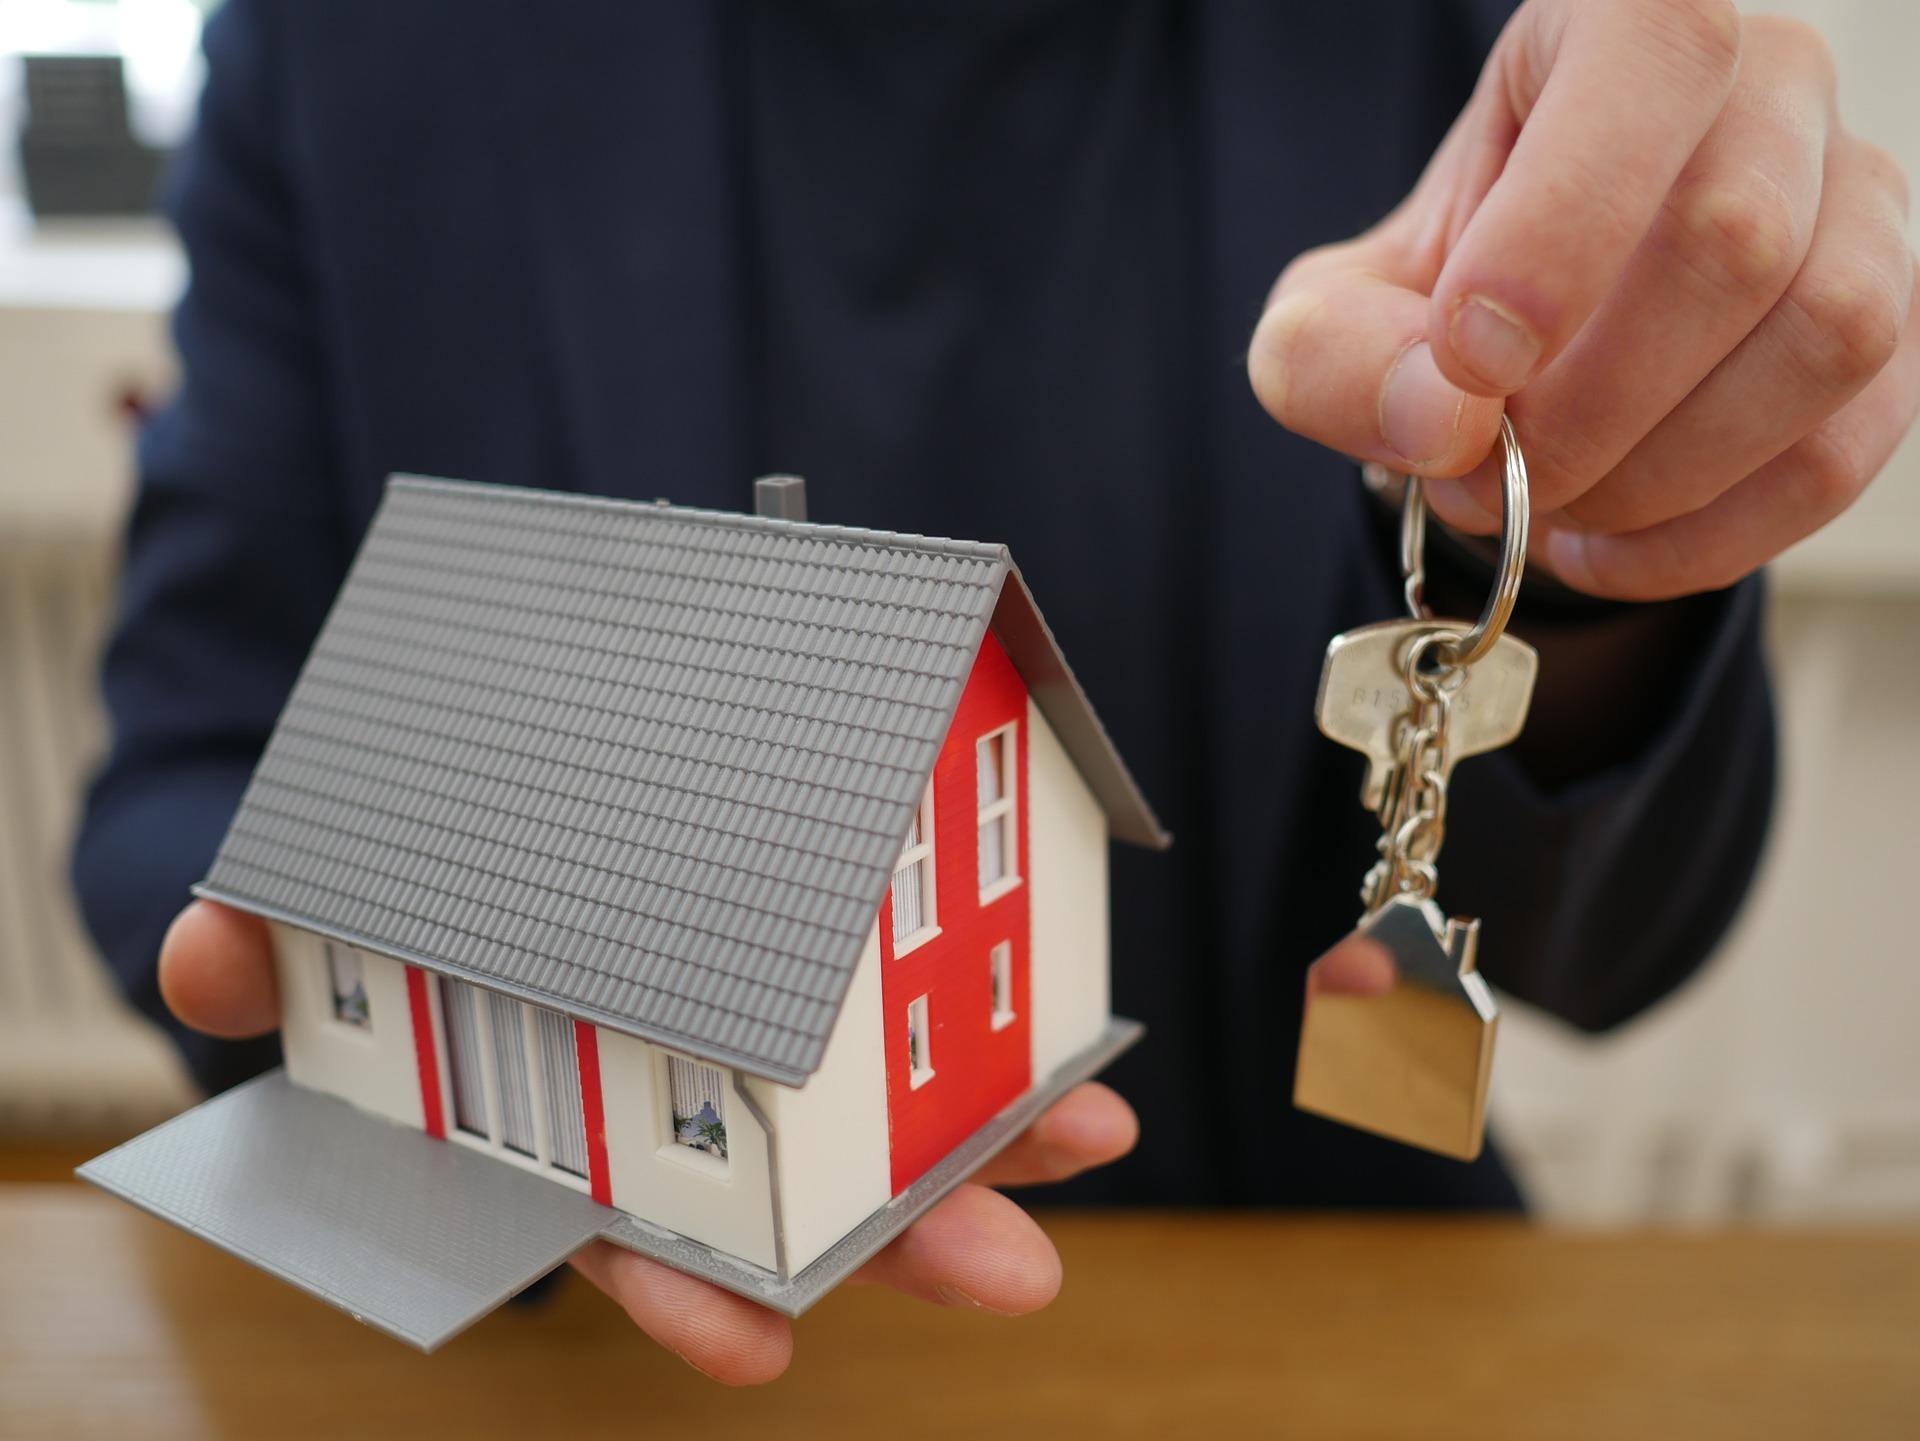 Льготная ипотека многодетным семьям в 2020 году и дополнительные 450 тысяч рублей из федерального бюджета на ипотеку